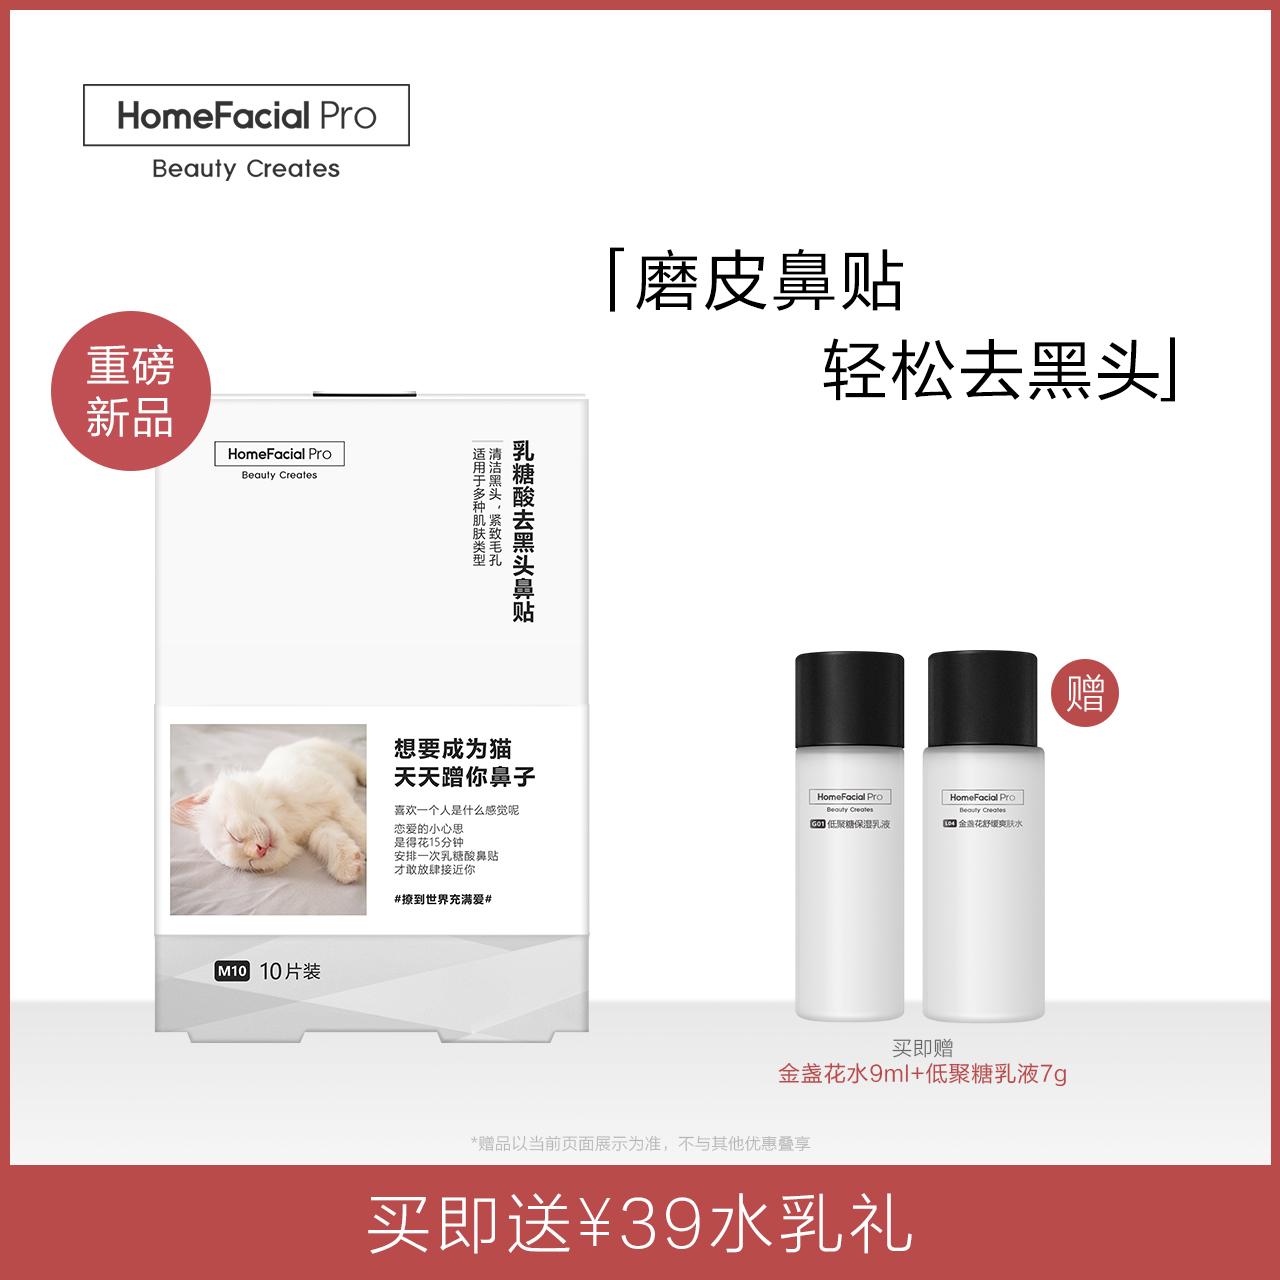 【热销新品】HFP乳糖酸去黑头鼻贴 祛黑头粉刺收缩毛孔套装男女